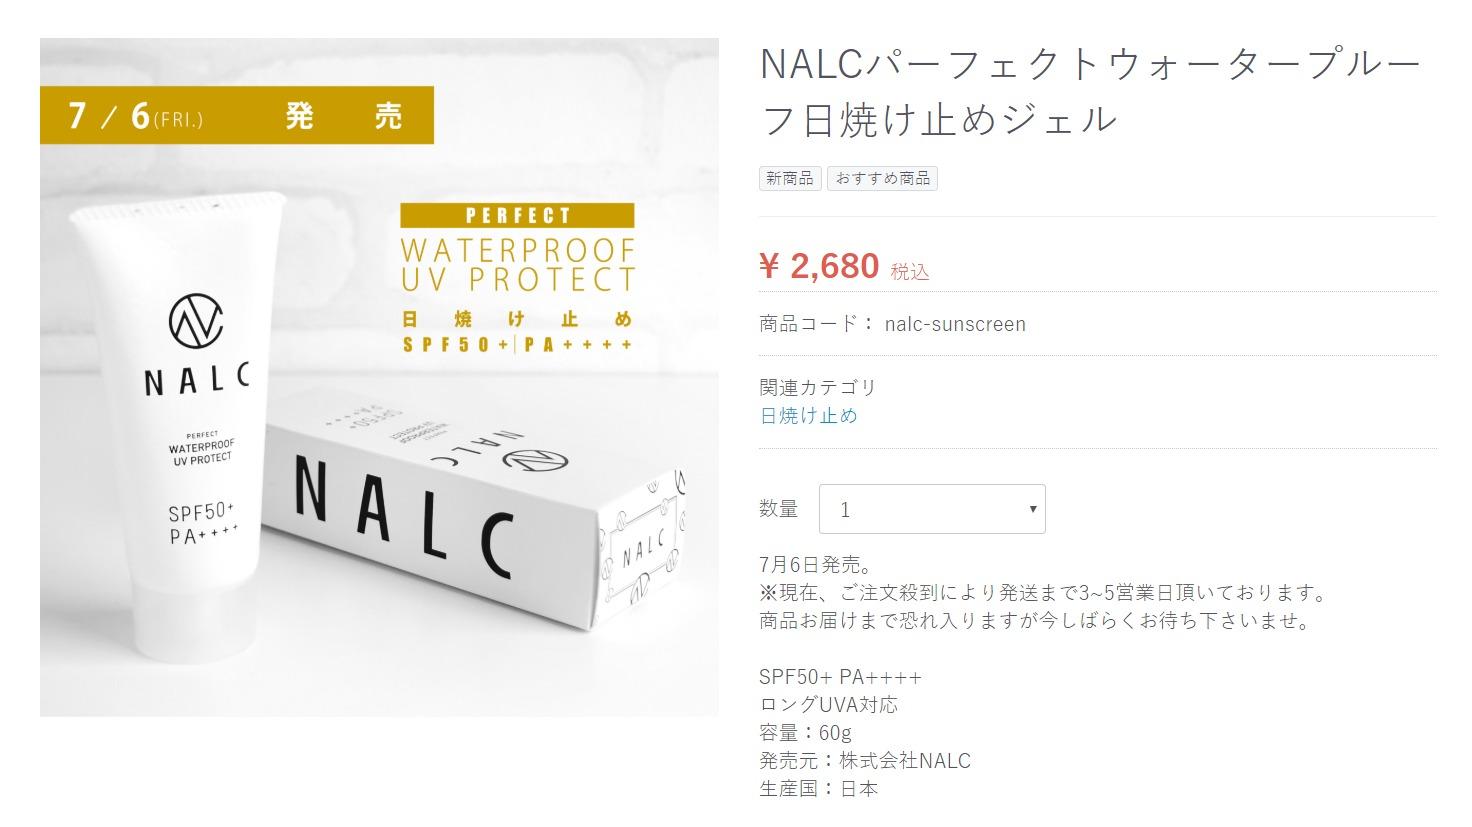 NALC日焼け止めのお試し・サンプル・モニターはこちら